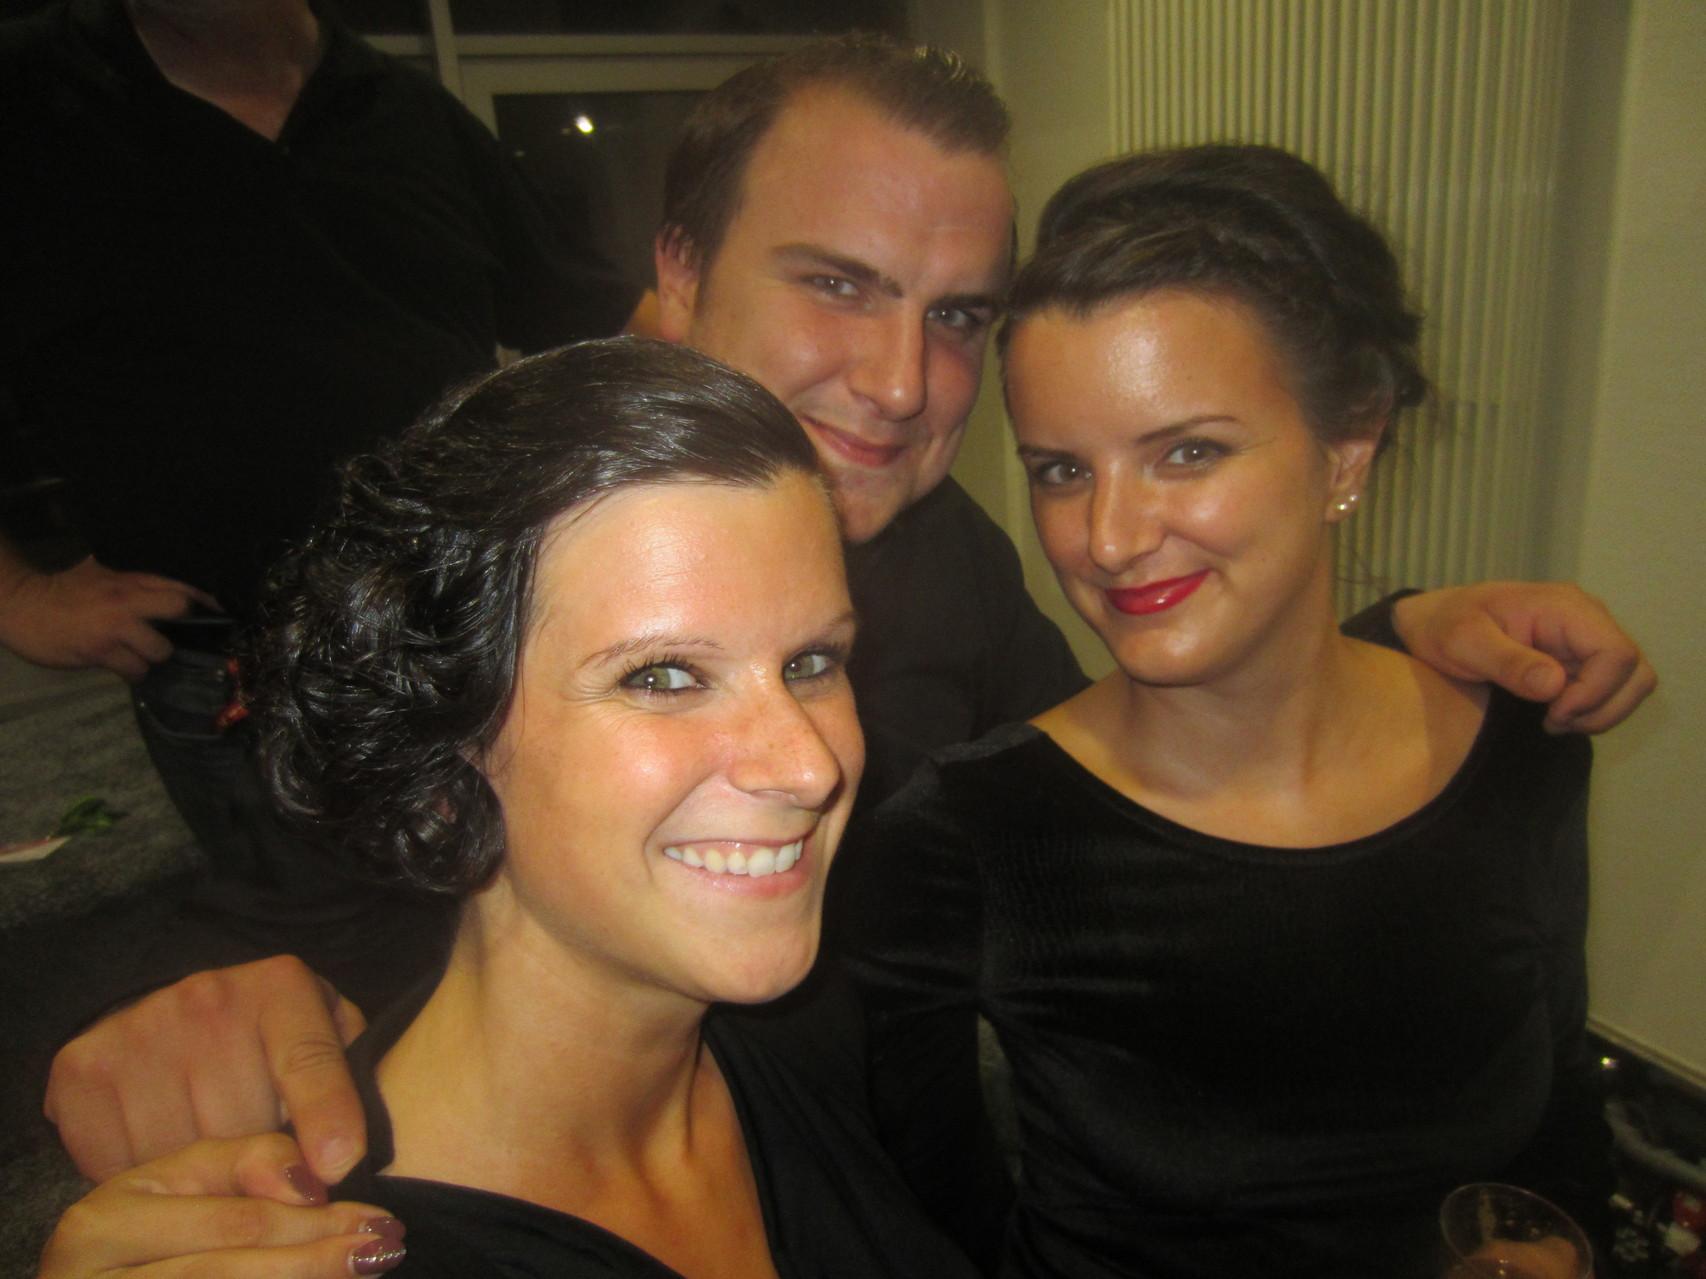 Mit meinem Bruder Tobi und meiner Schwester Miri